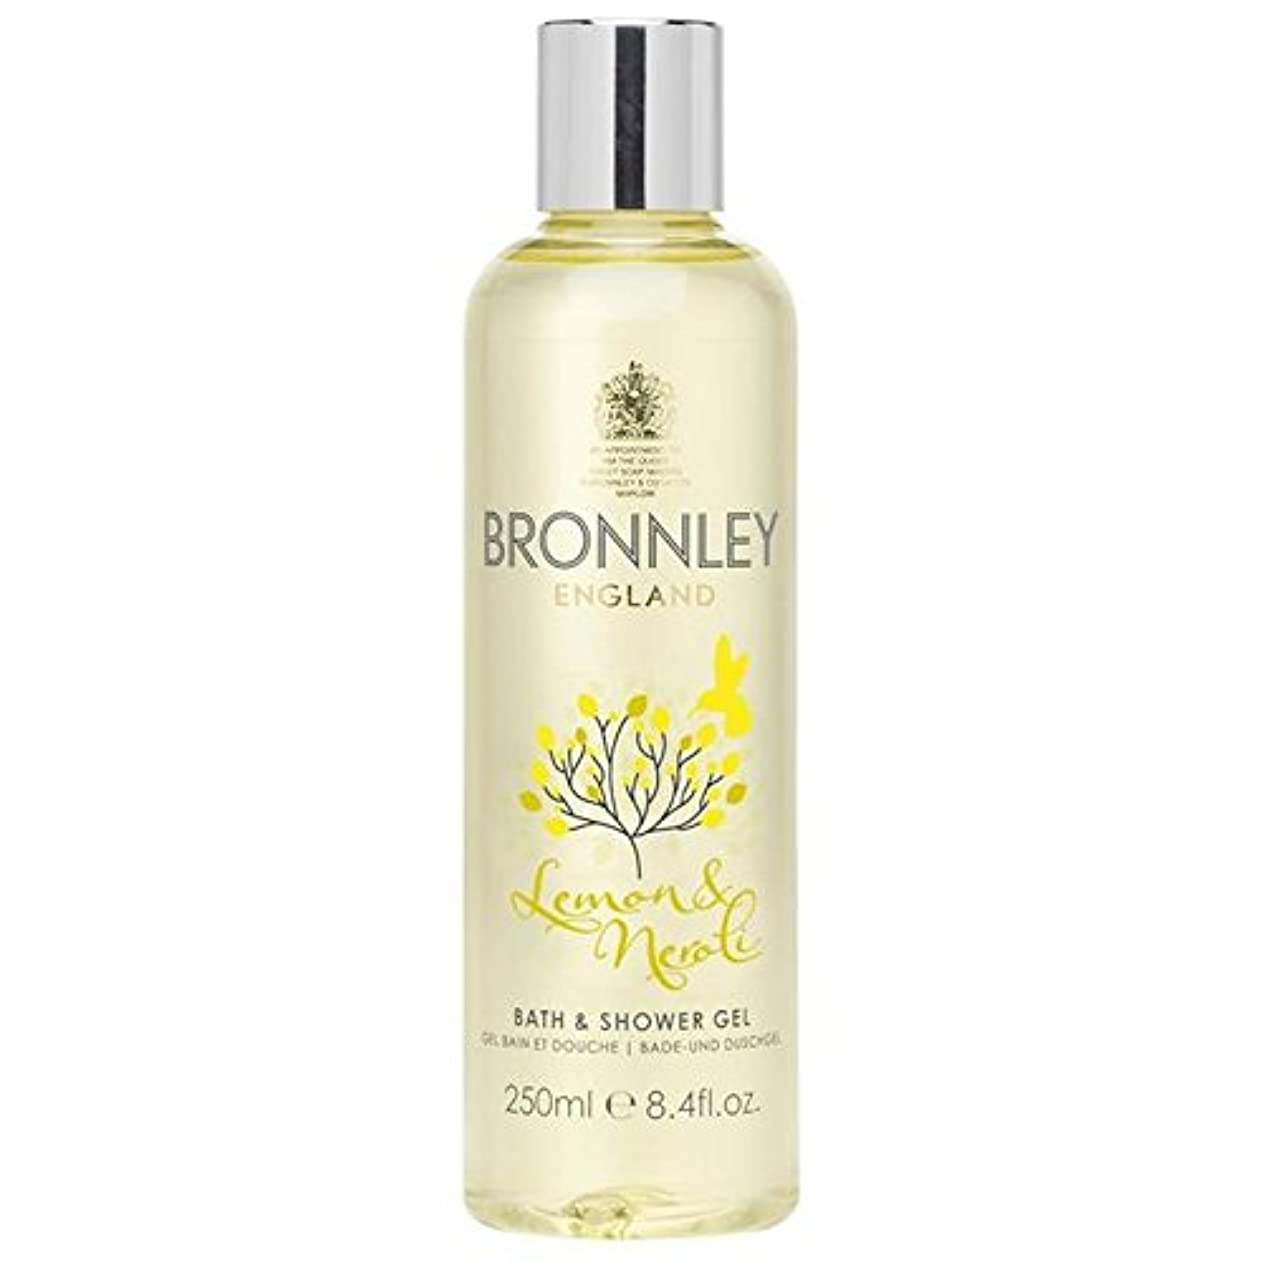 細分化するパス少数Bronnley Lemon & Neroli Bath & Shower Gel 250ml (Pack of 6) - レモン&ネロリバス&シャワージェル250ミリリットル x6 [並行輸入品]